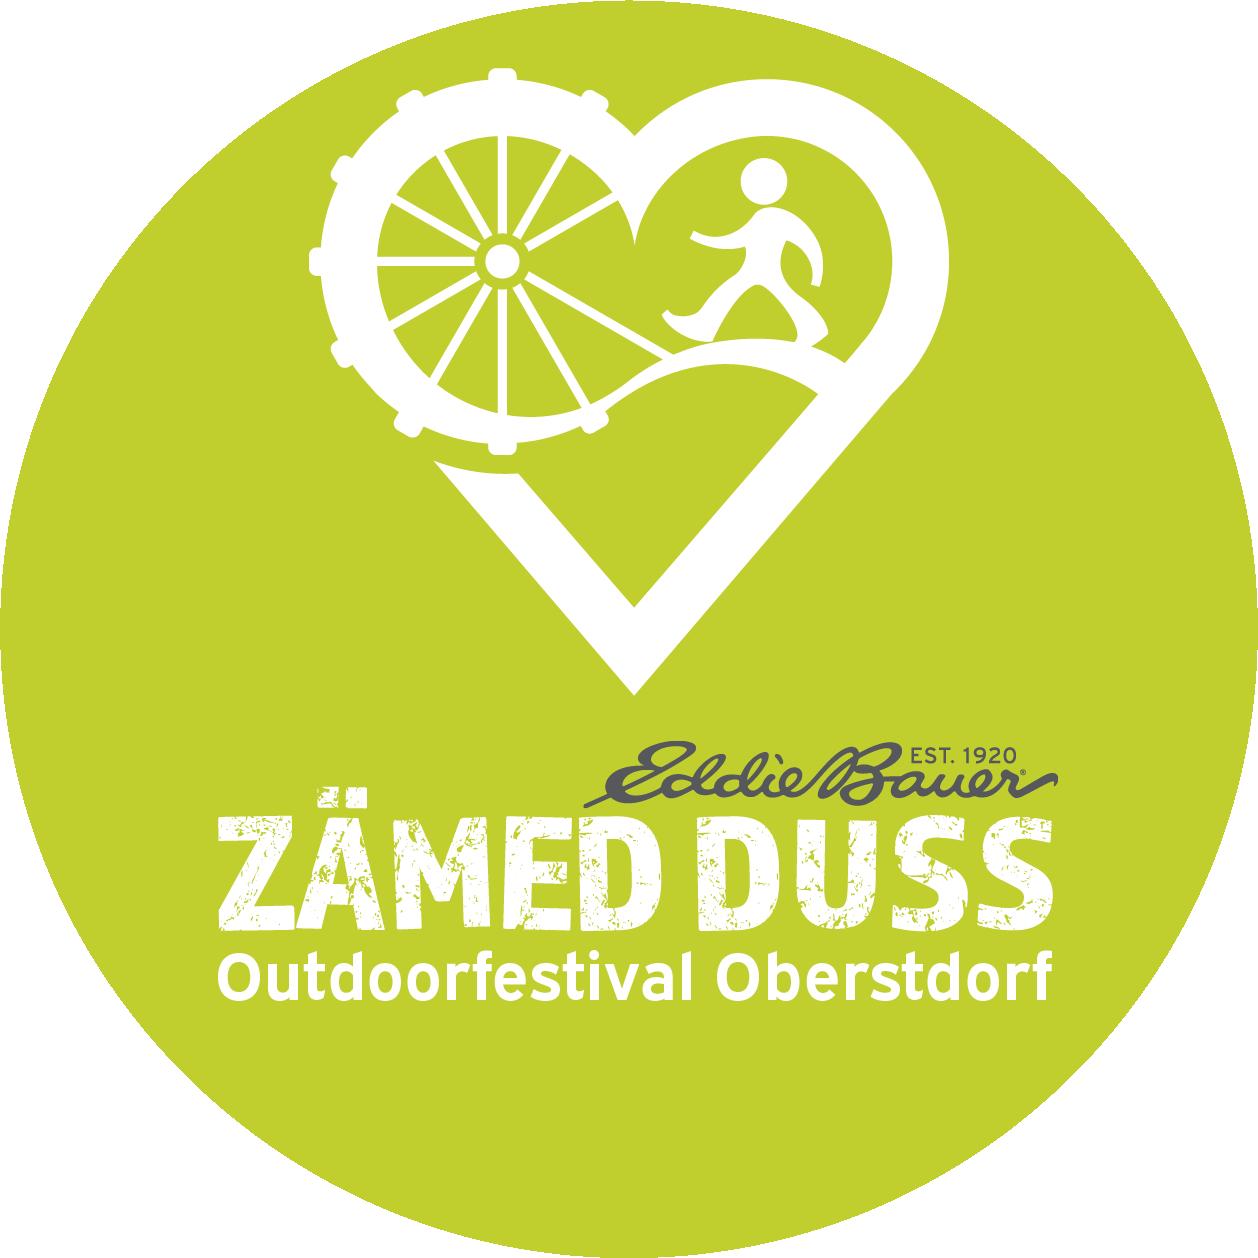 Zmed-duss-outdoorfestival-rund